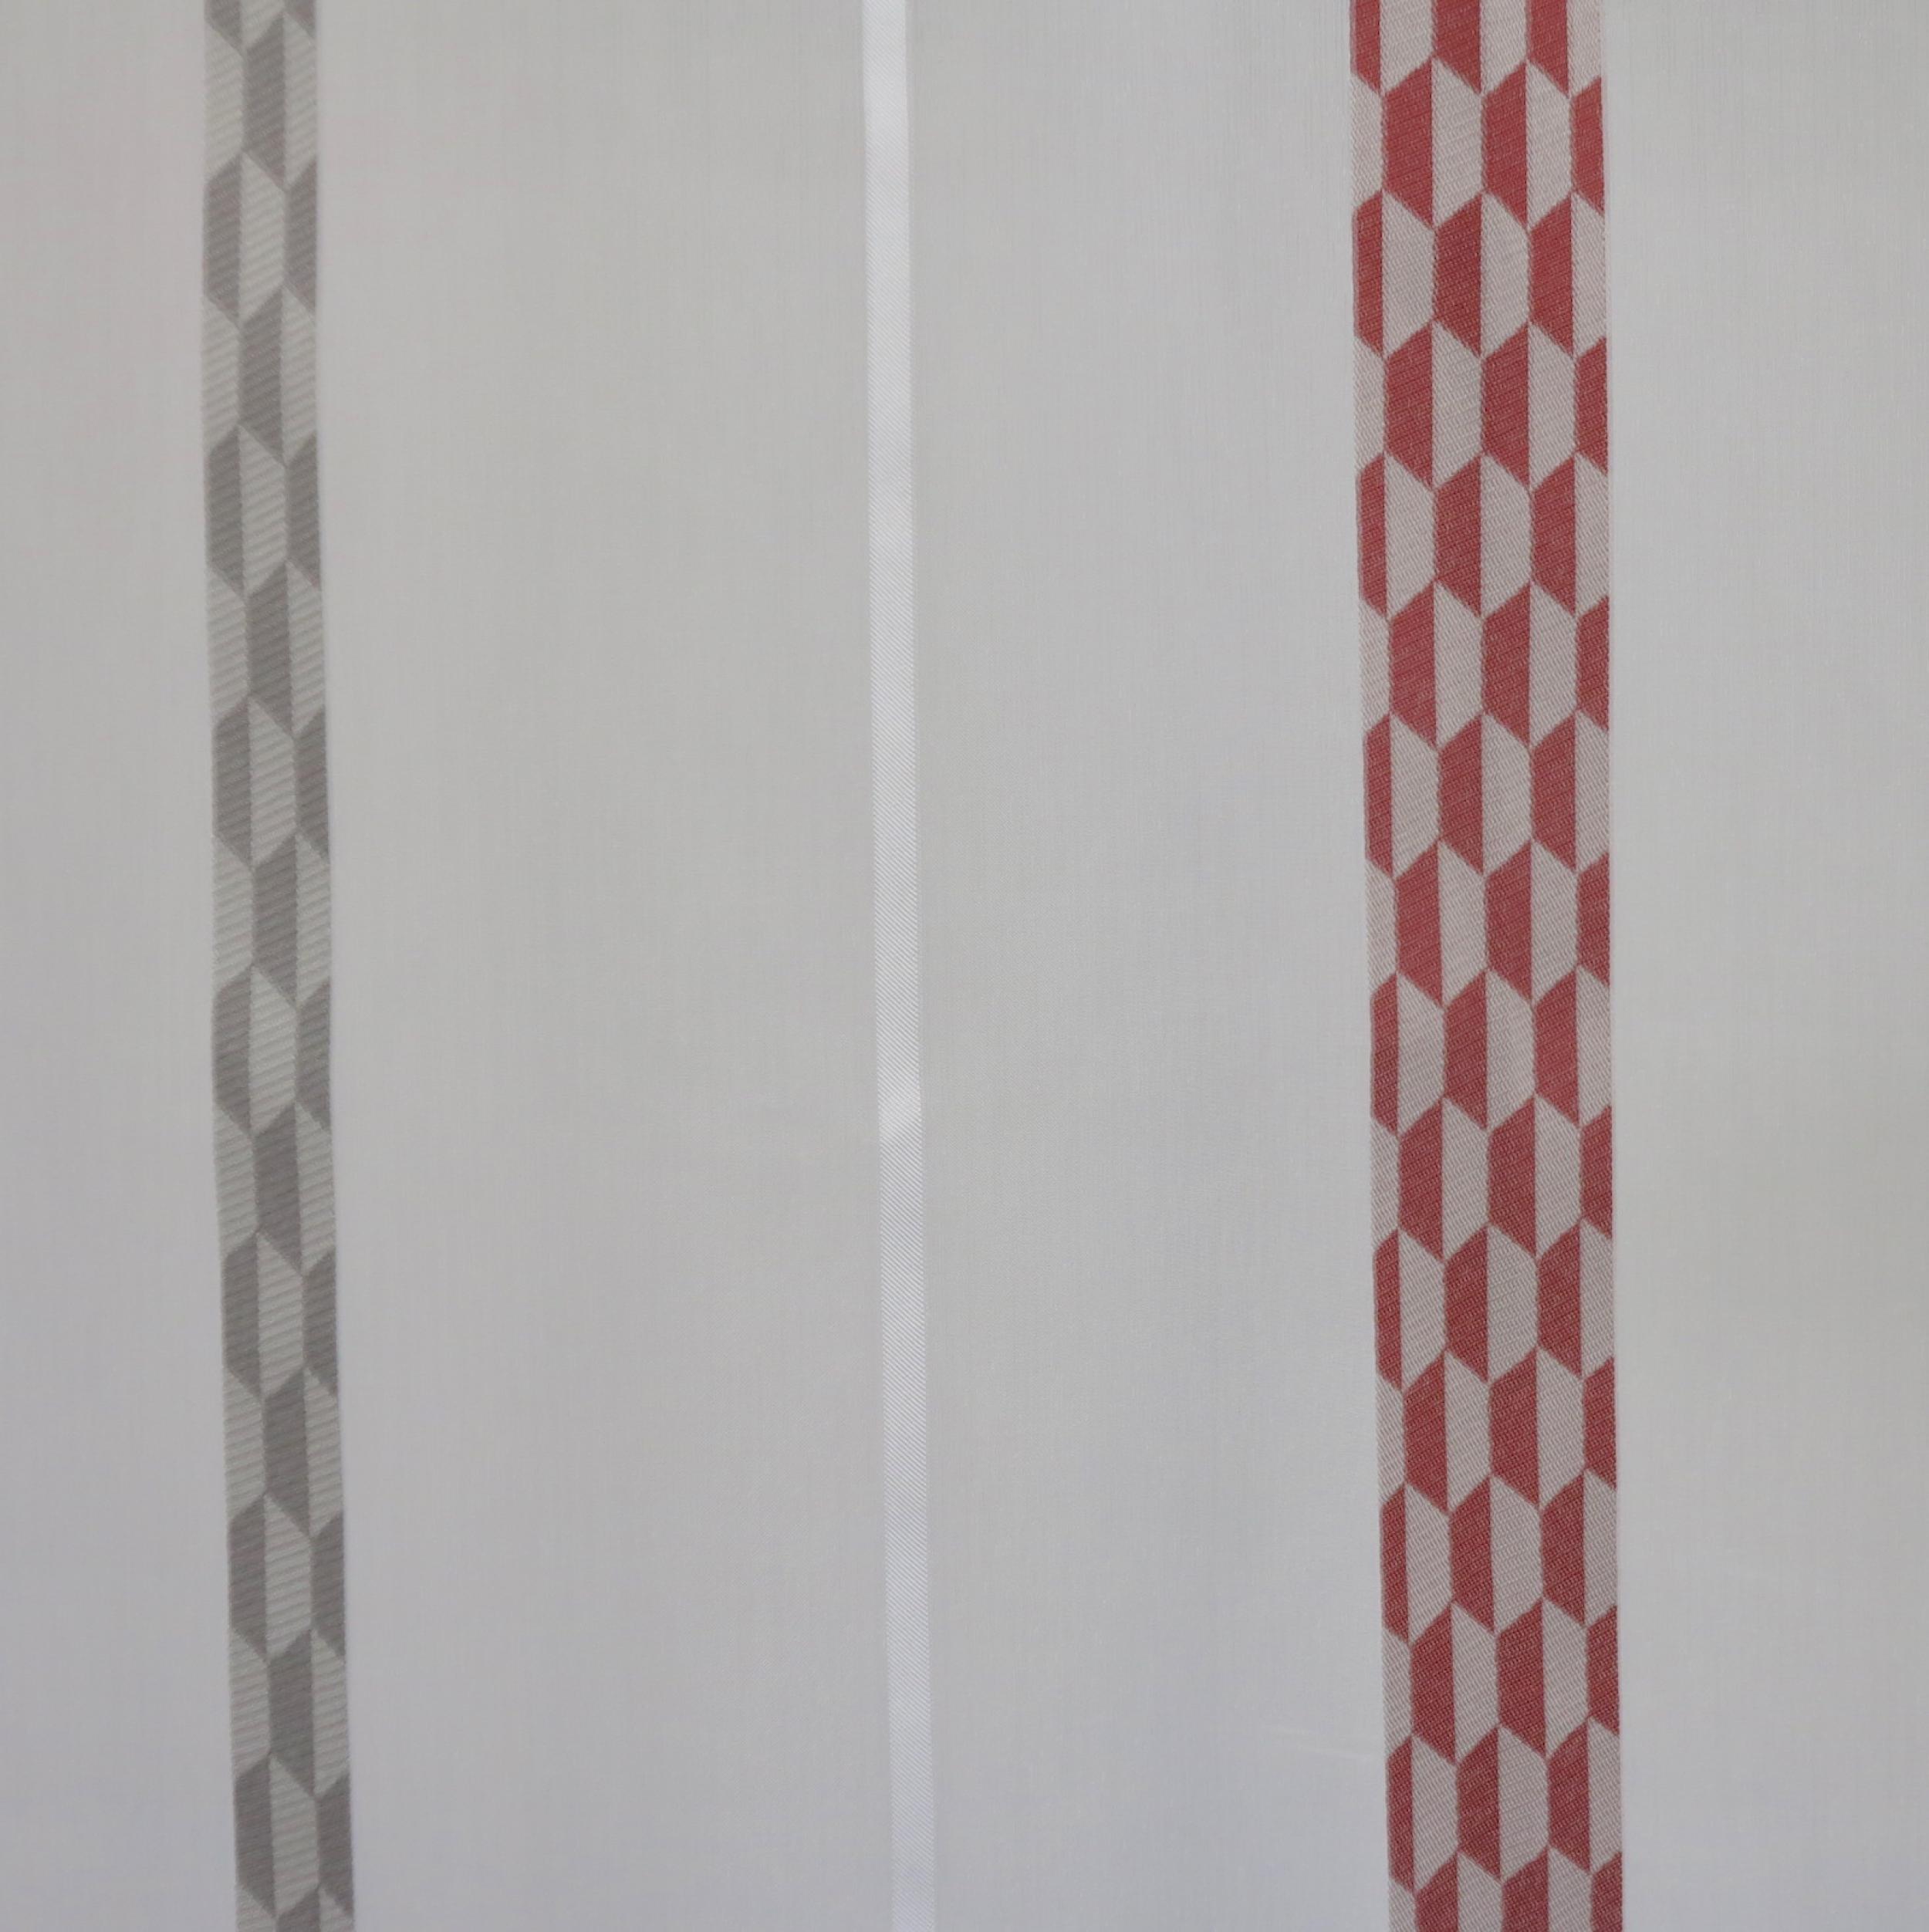 voilage sur mesure rouge et gris jusqu 39 290 cm de haut. Black Bedroom Furniture Sets. Home Design Ideas